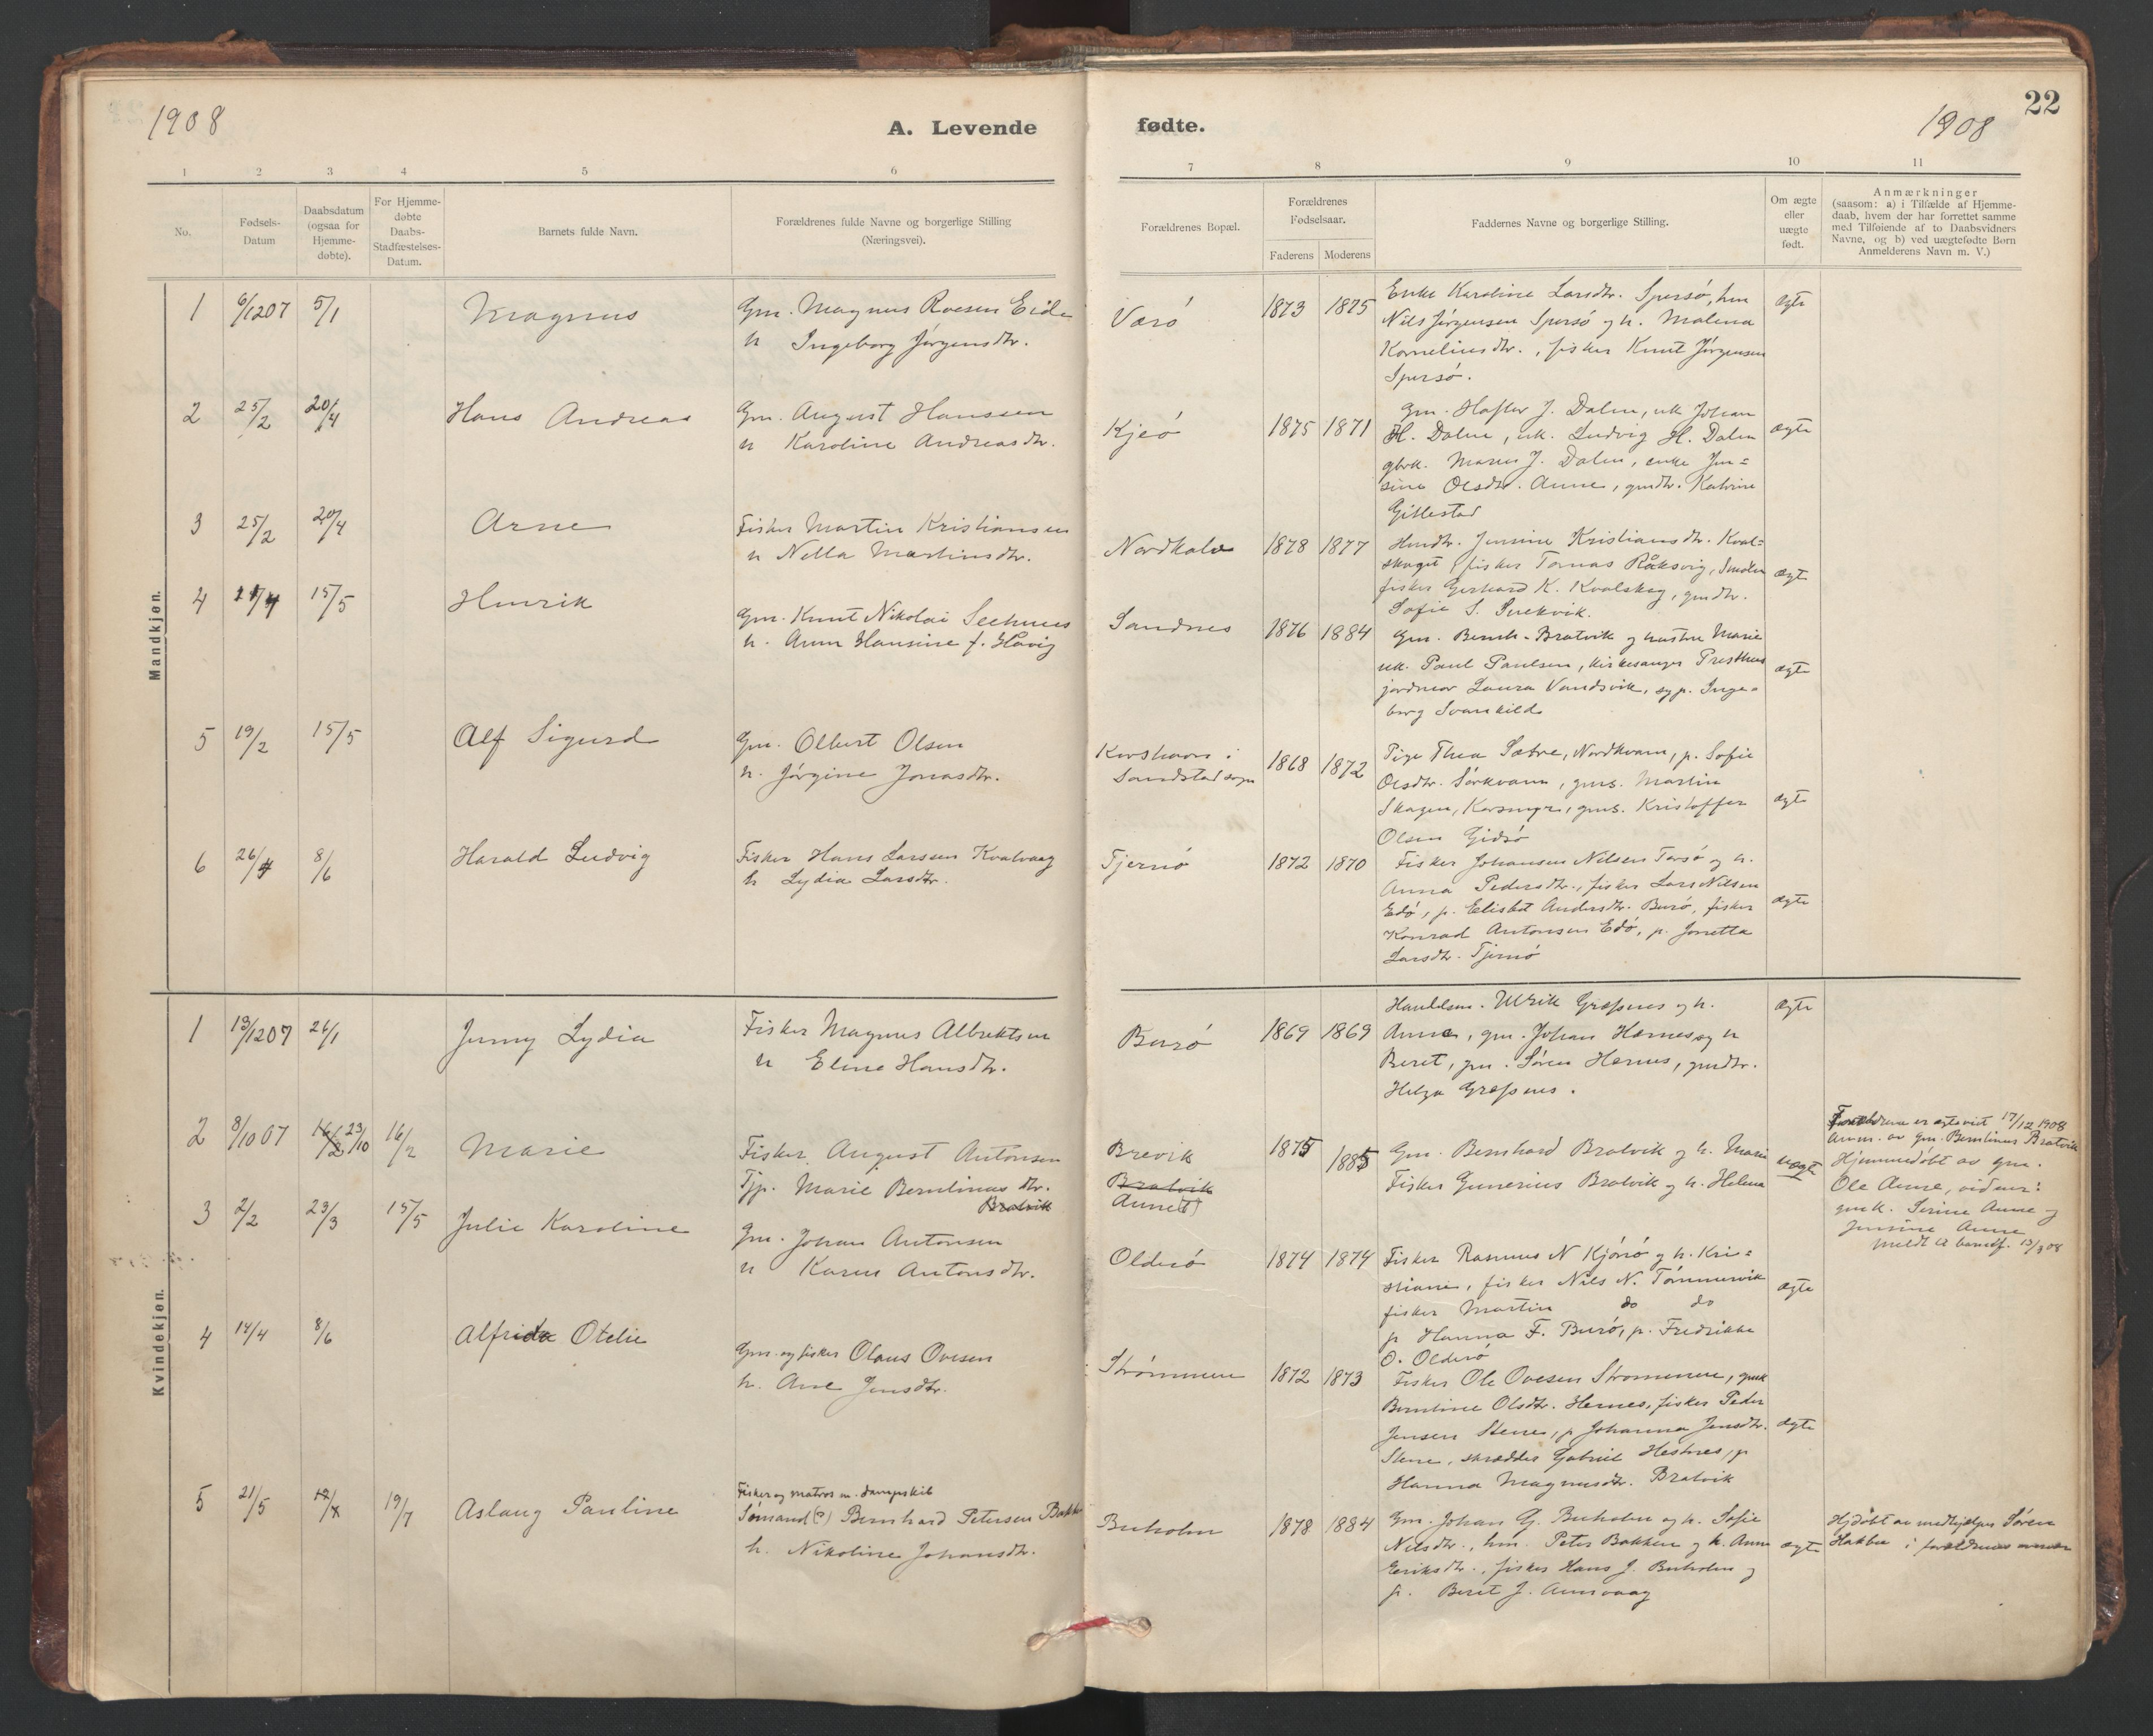 SAT, Ministerialprotokoller, klokkerbøker og fødselsregistre - Sør-Trøndelag, 635/L0552: Ministerialbok nr. 635A02, 1899-1919, s. 22